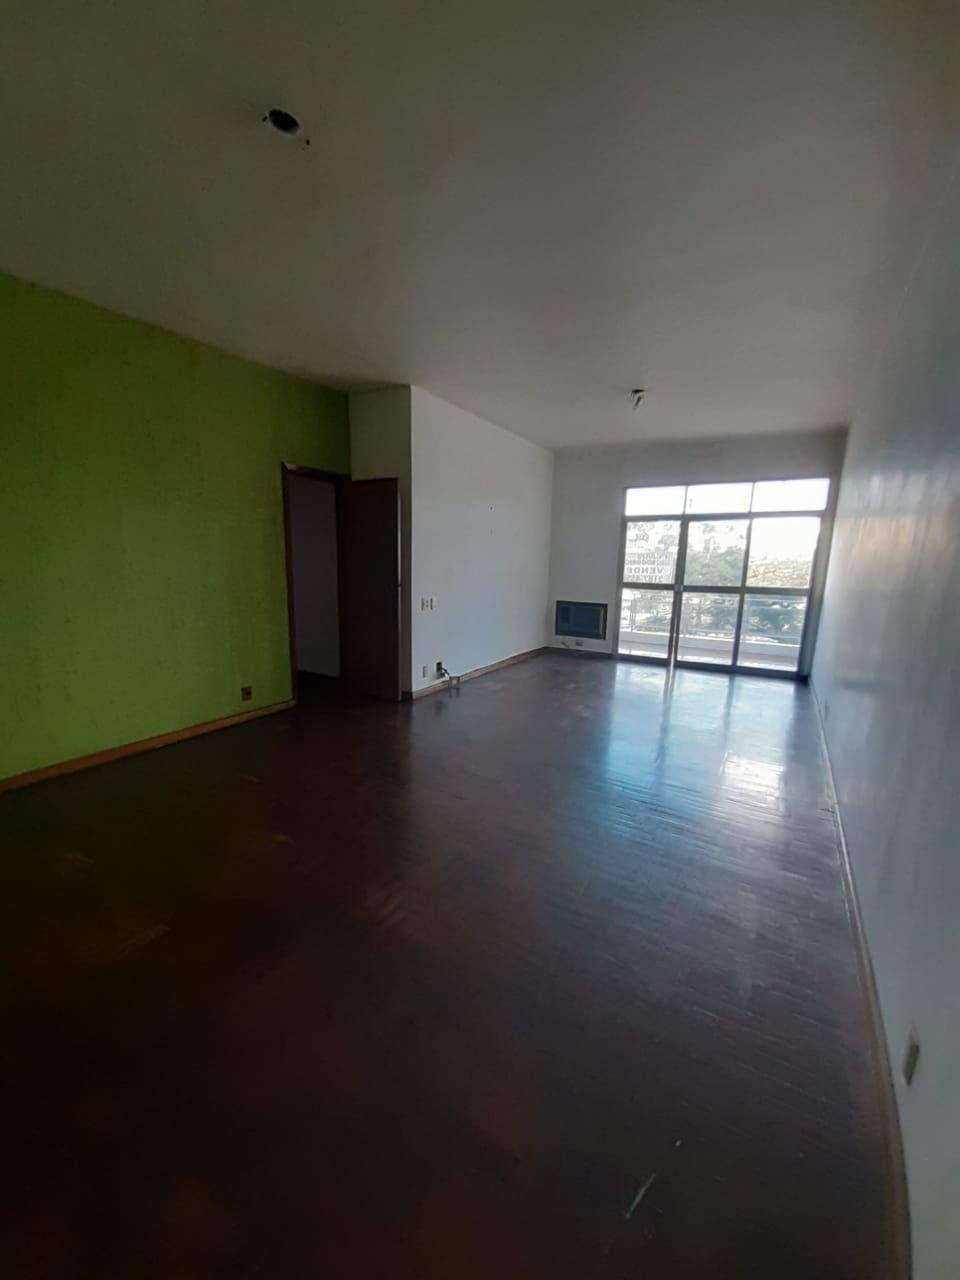 Apartamento à venda Praia de Cocotá,Rio de Janeiro,RJ - R$ 450.000 - 112 - 2